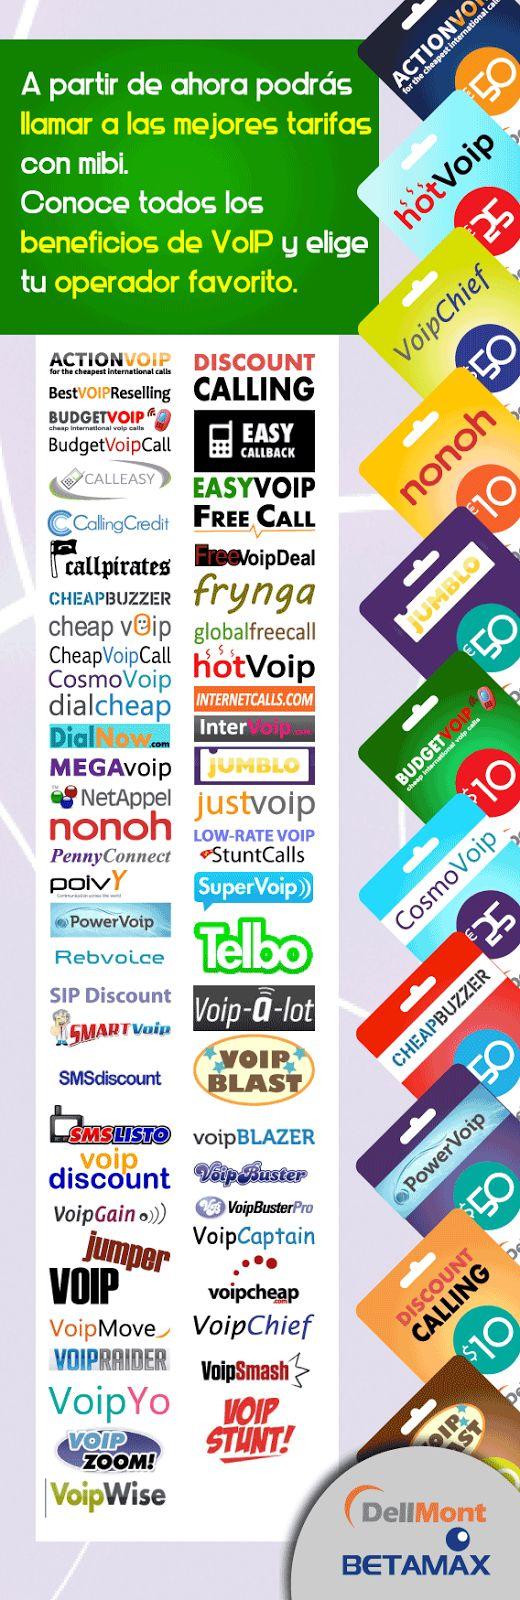 Ahora llama a las mejores tarifas con VoIP, Conoce todos sus beneficios y bajos precios. Entra Ya y elige tu operador favorito www.mibirecargas.com